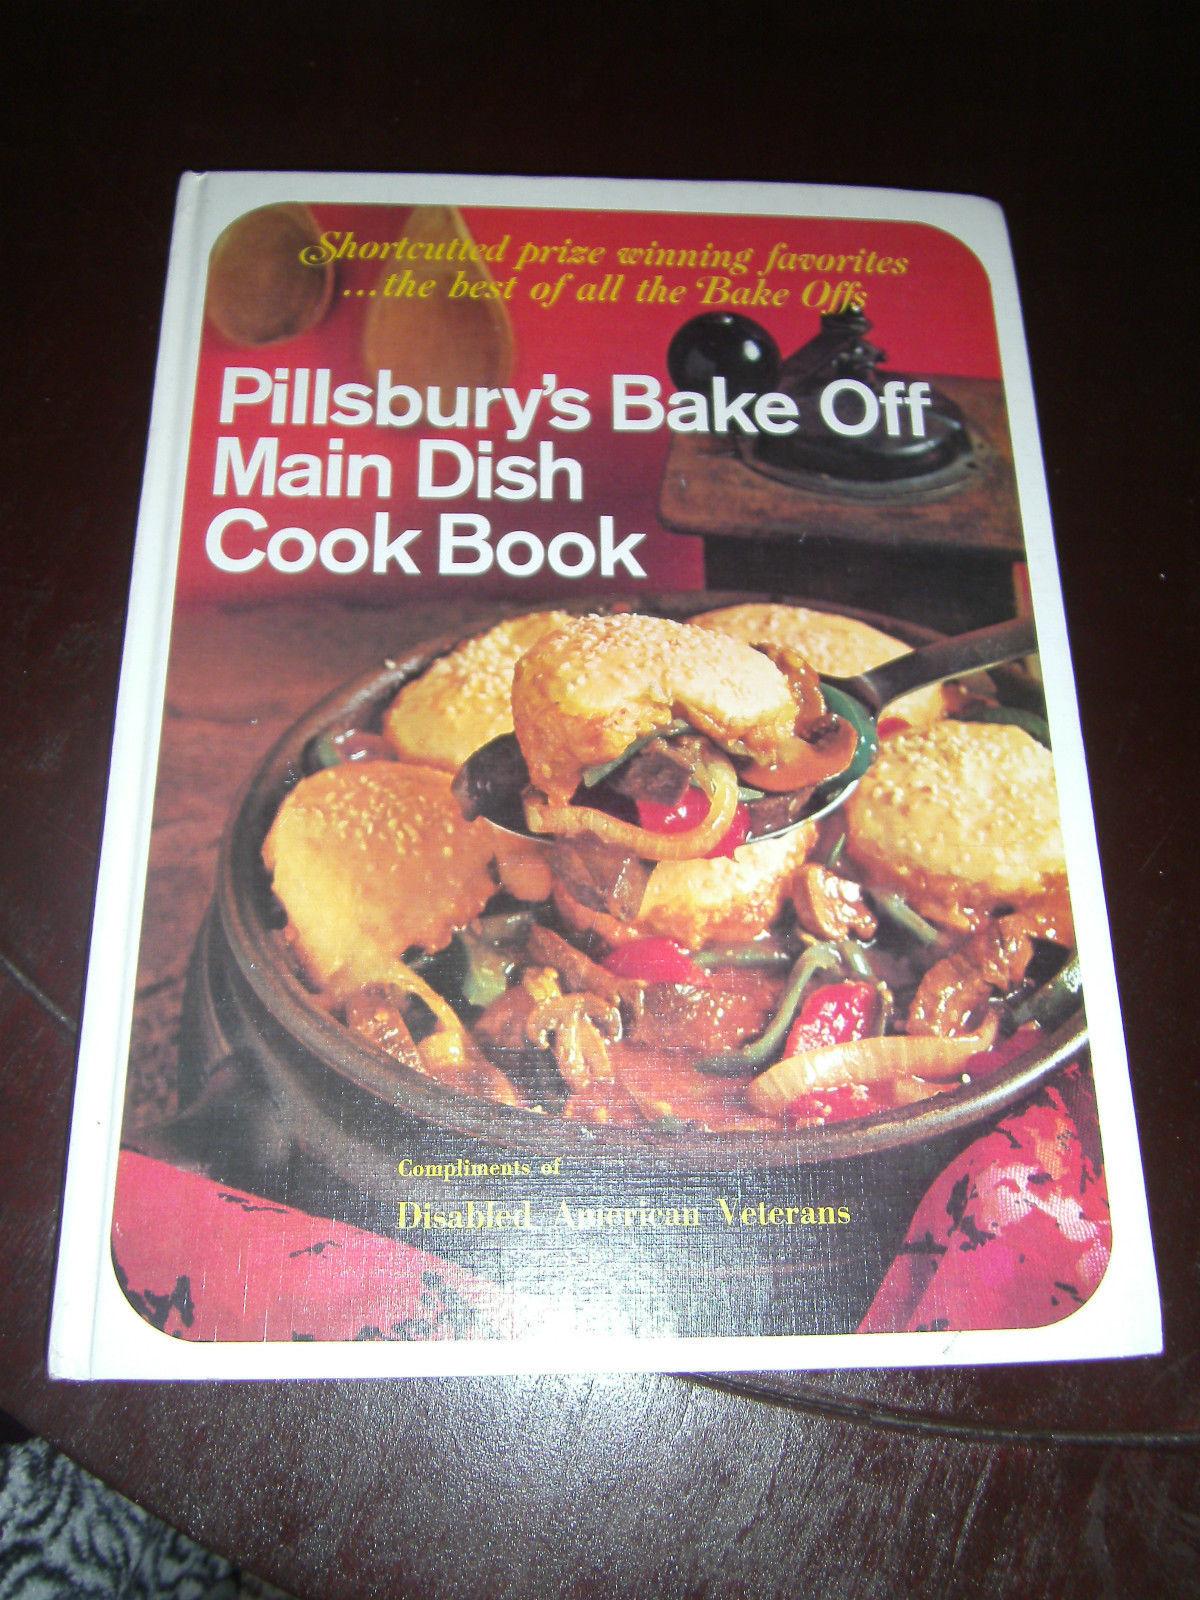 Pillsbury's Bake Off Main Dish Cook Book, Pillsbury 1968 2nd Print 1970 HC Vets - $3.50